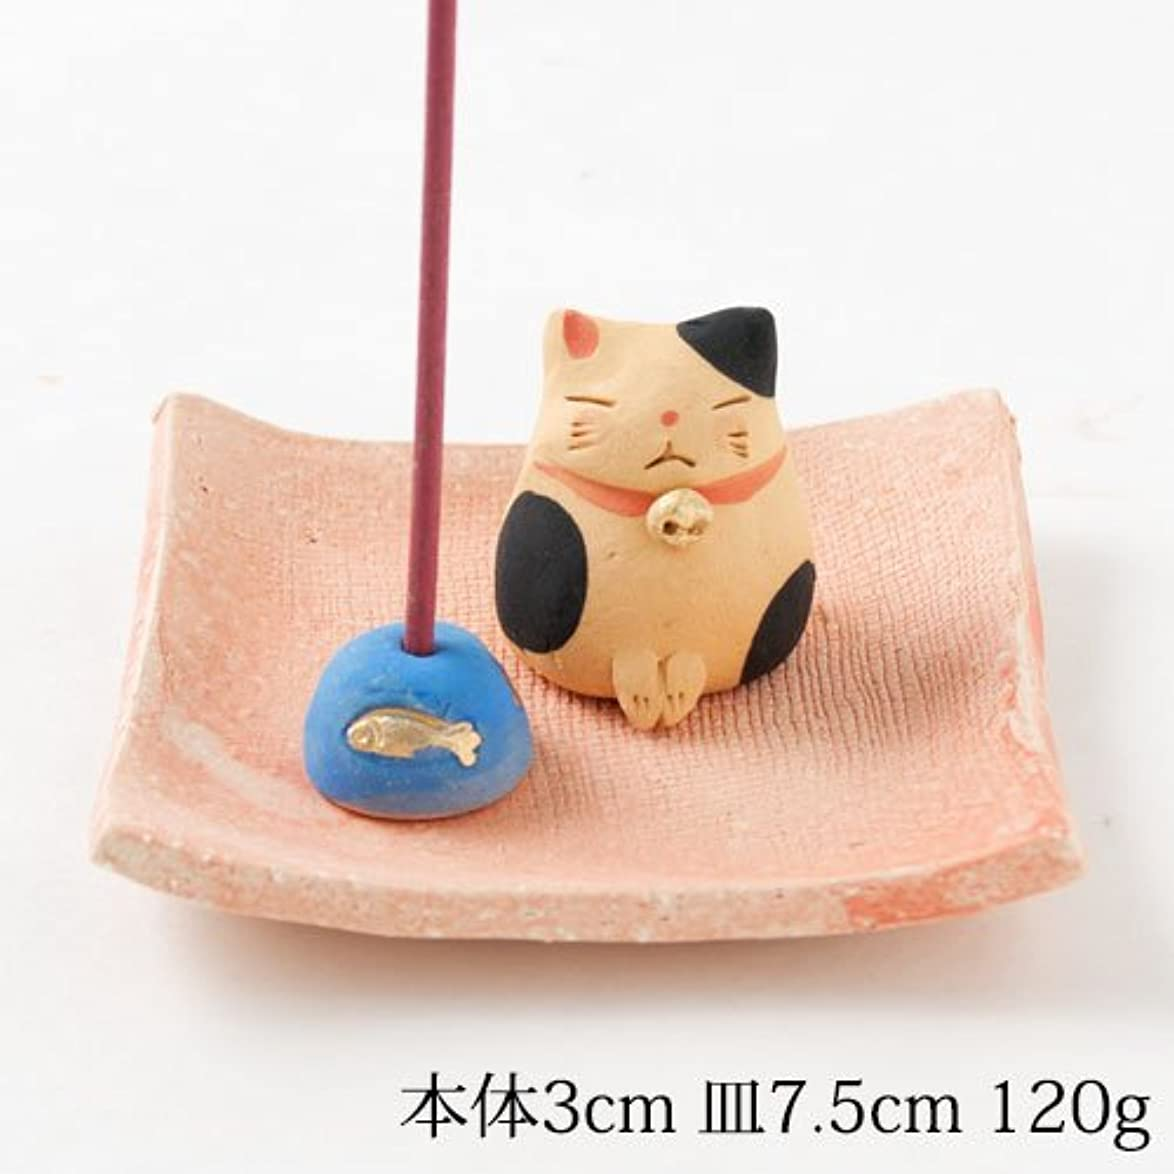 知覚的市町村ヘクタールお辞儀猫香立 (K3440)Incense stand